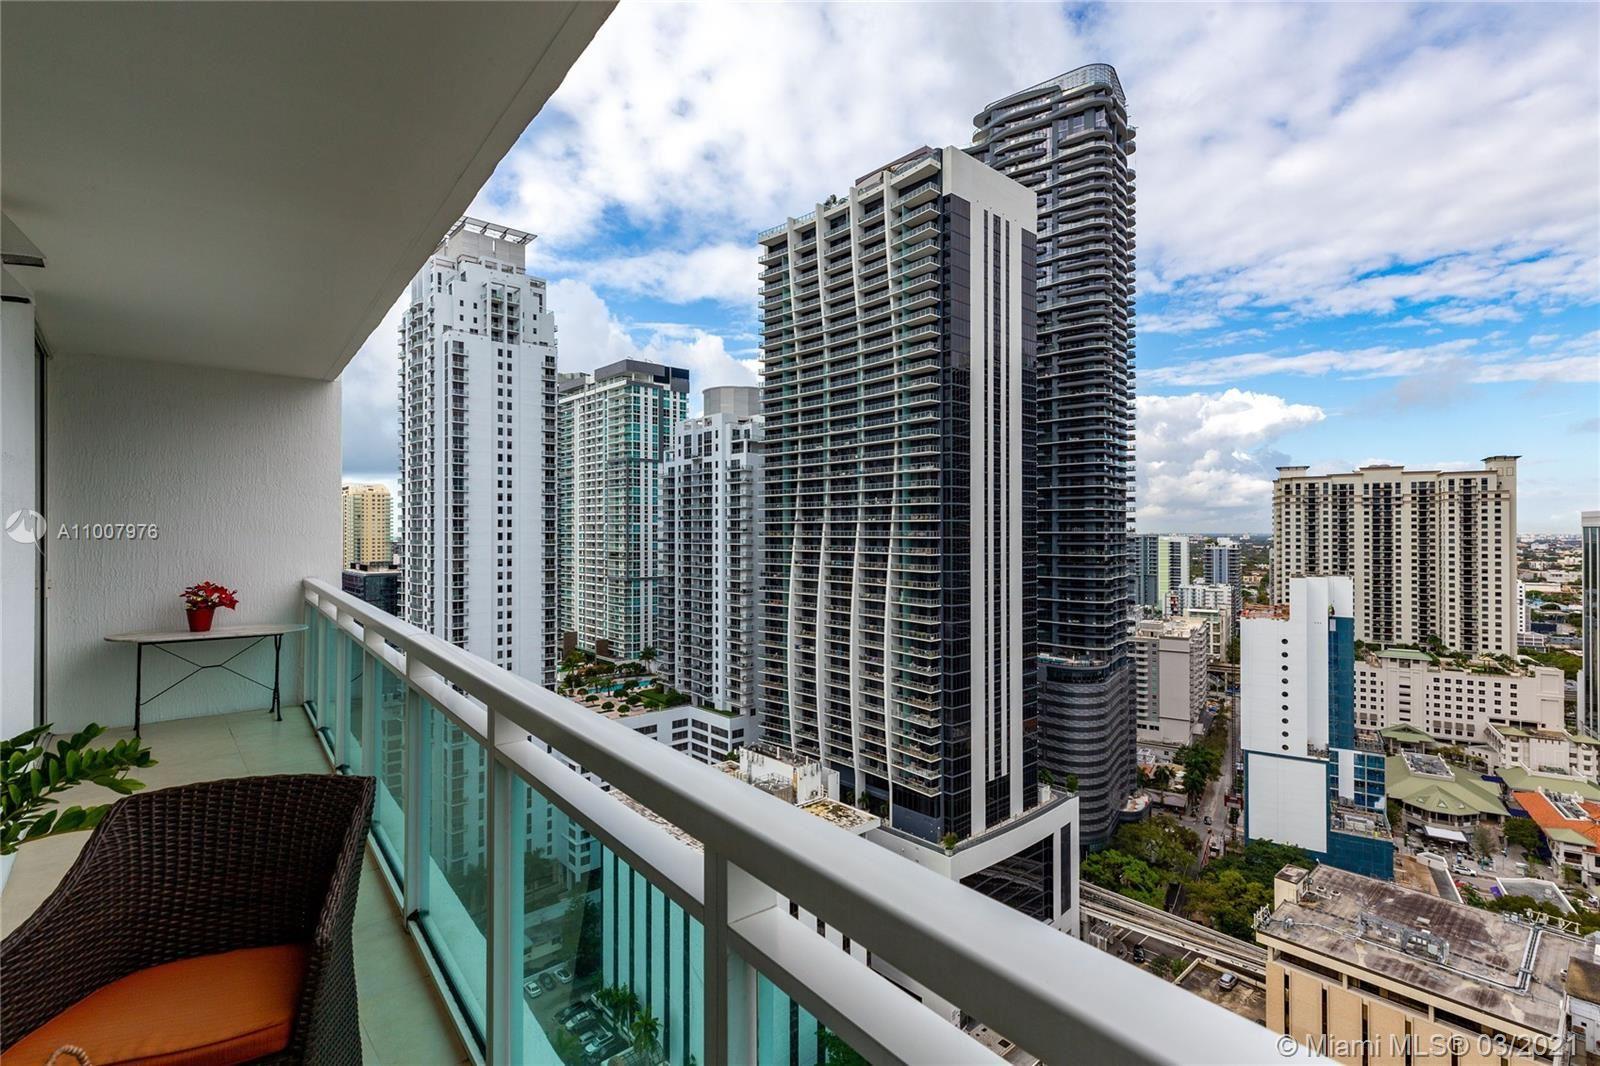 951 Brickell Ave #2905, Miami, FL 33131 - #: A11007976